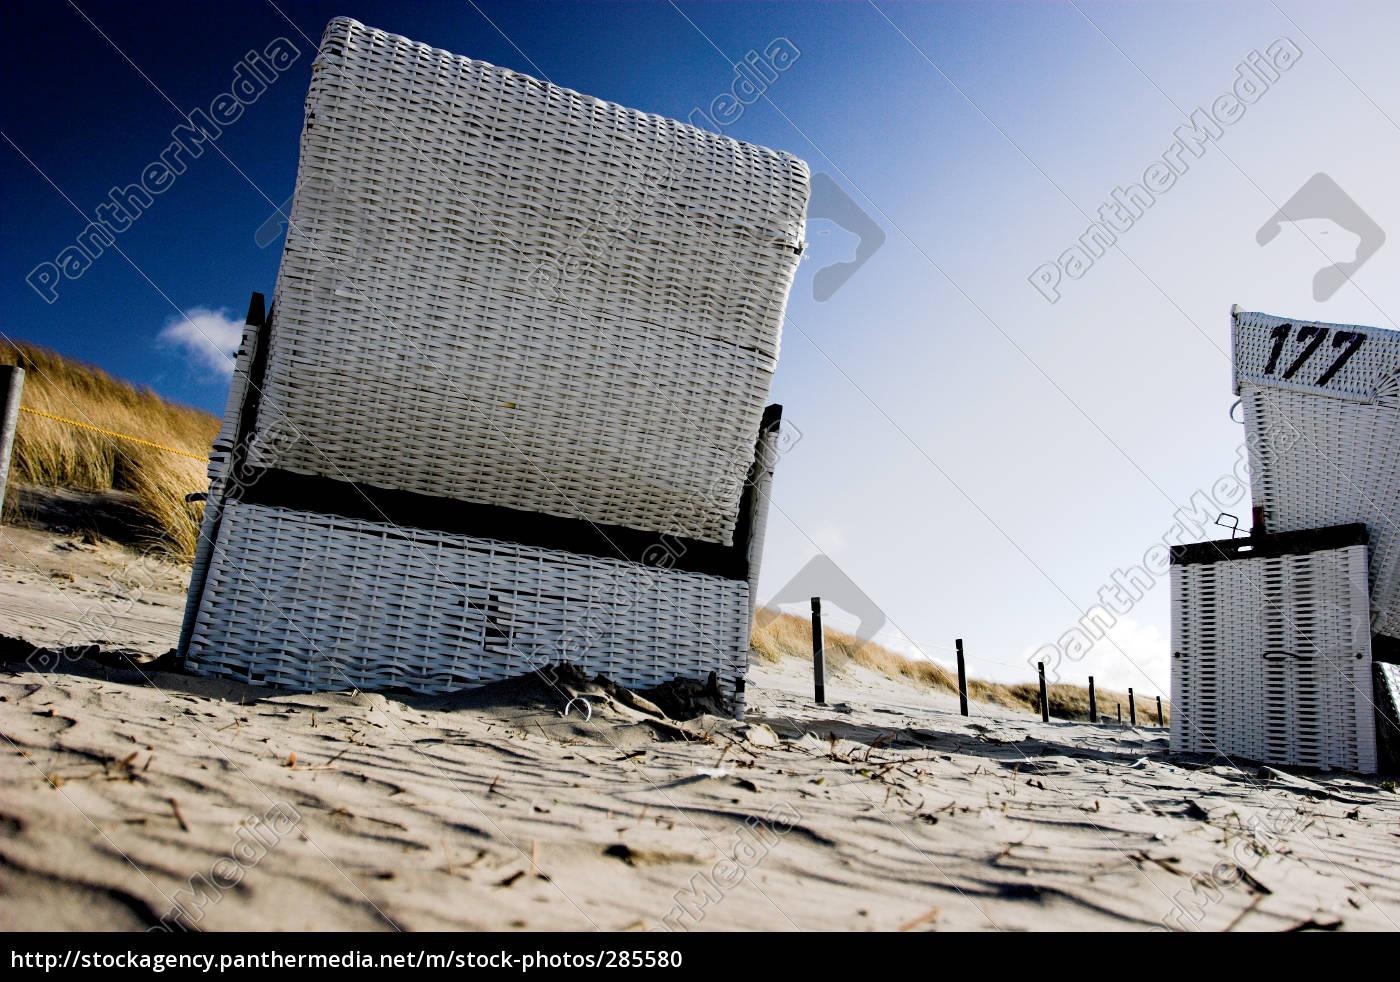 blue, sky, beach, chair - 285580